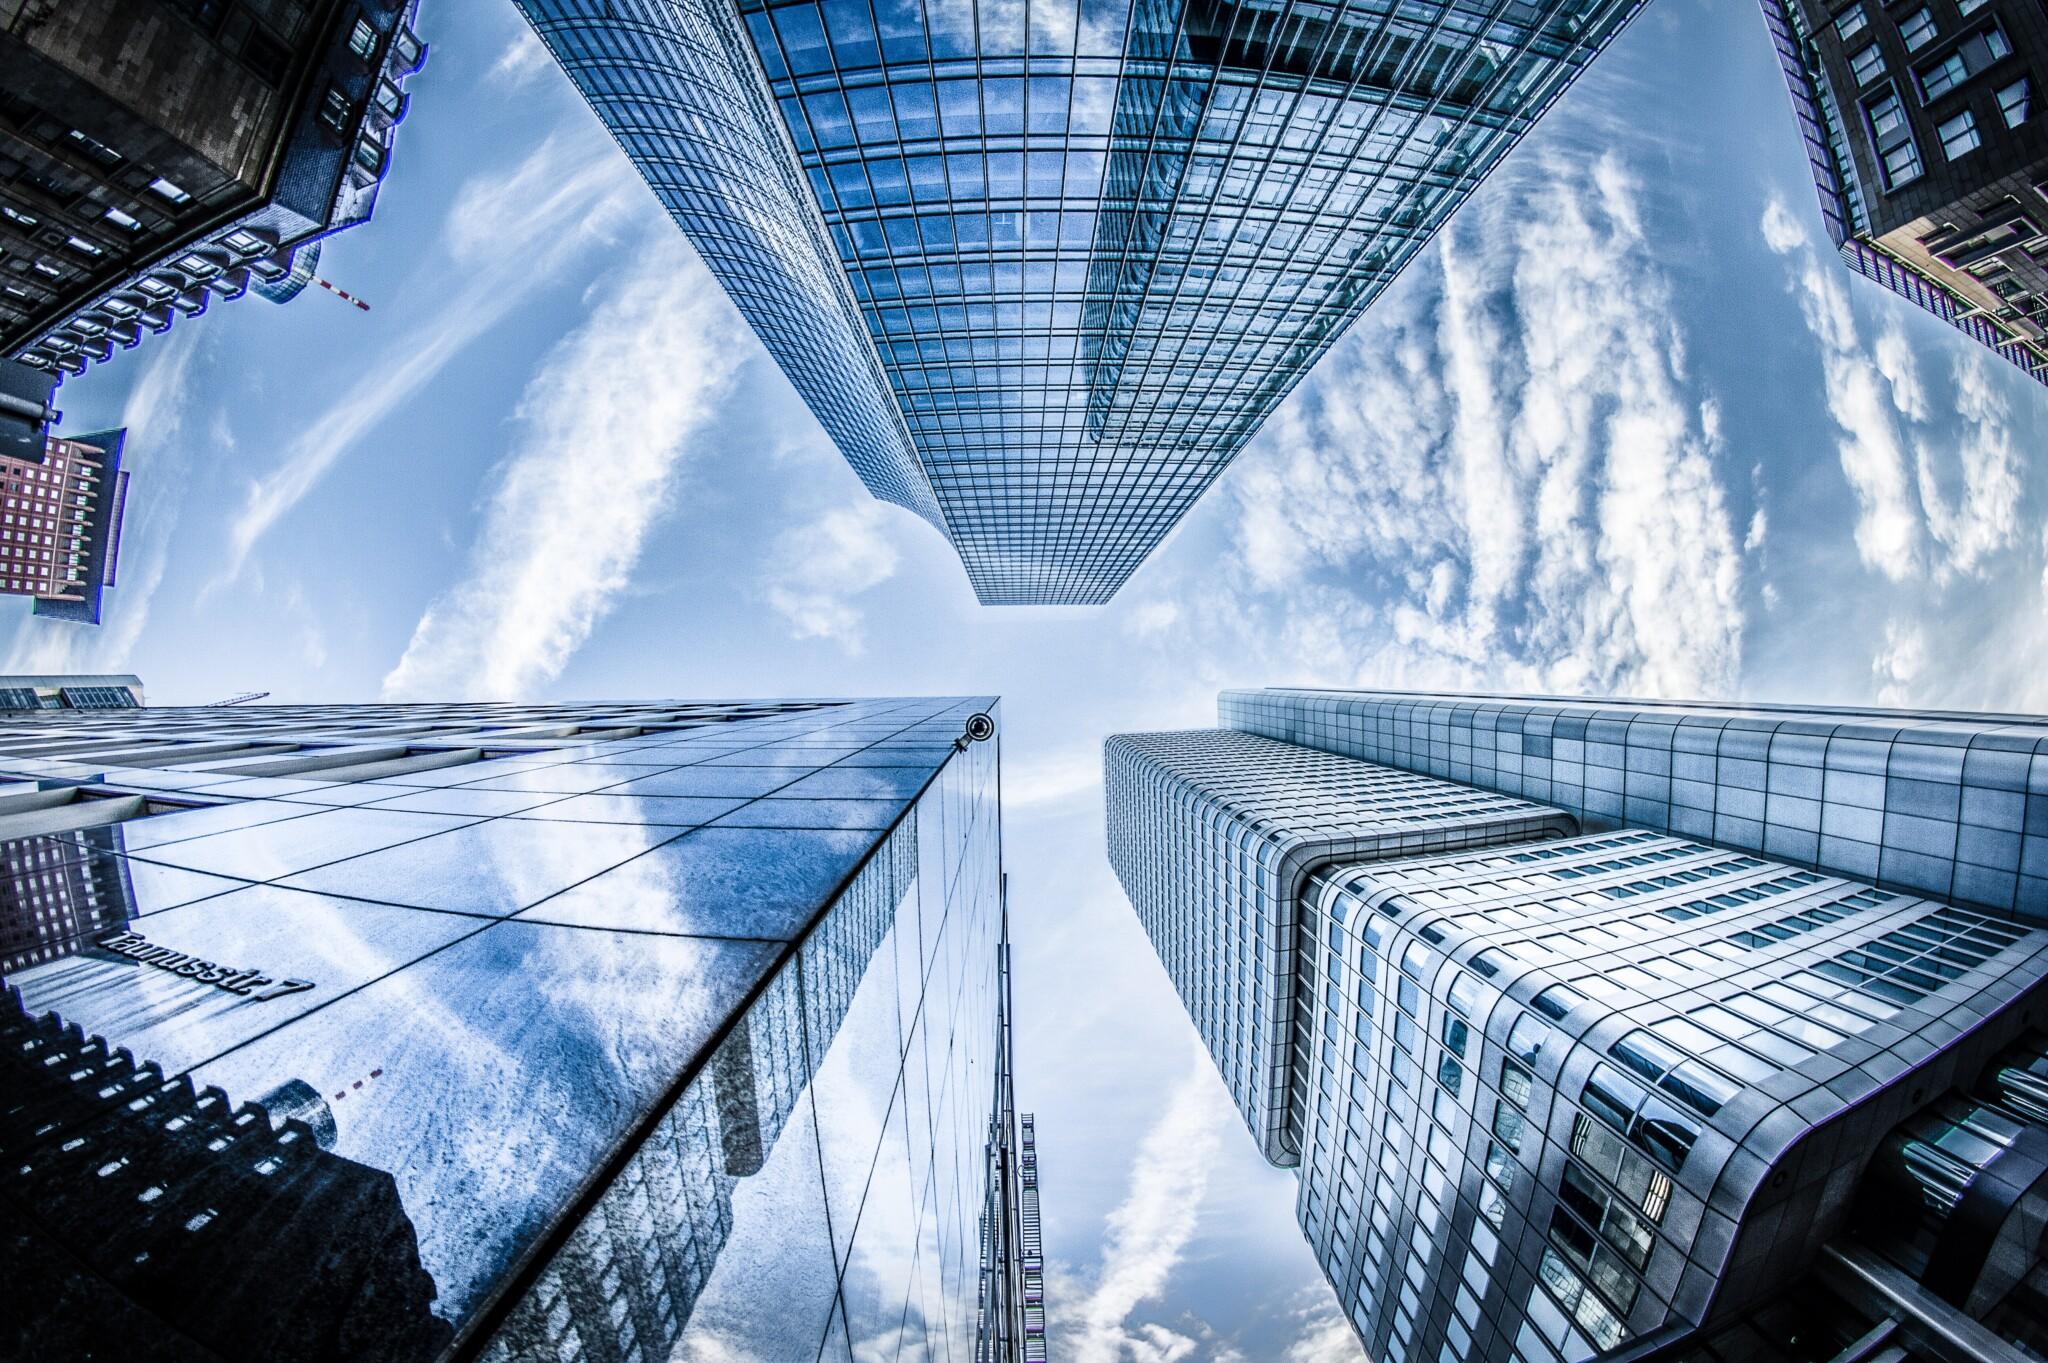 Von denen, die auszogen, die Schweizer Immobilienbranche zu digitalisieren